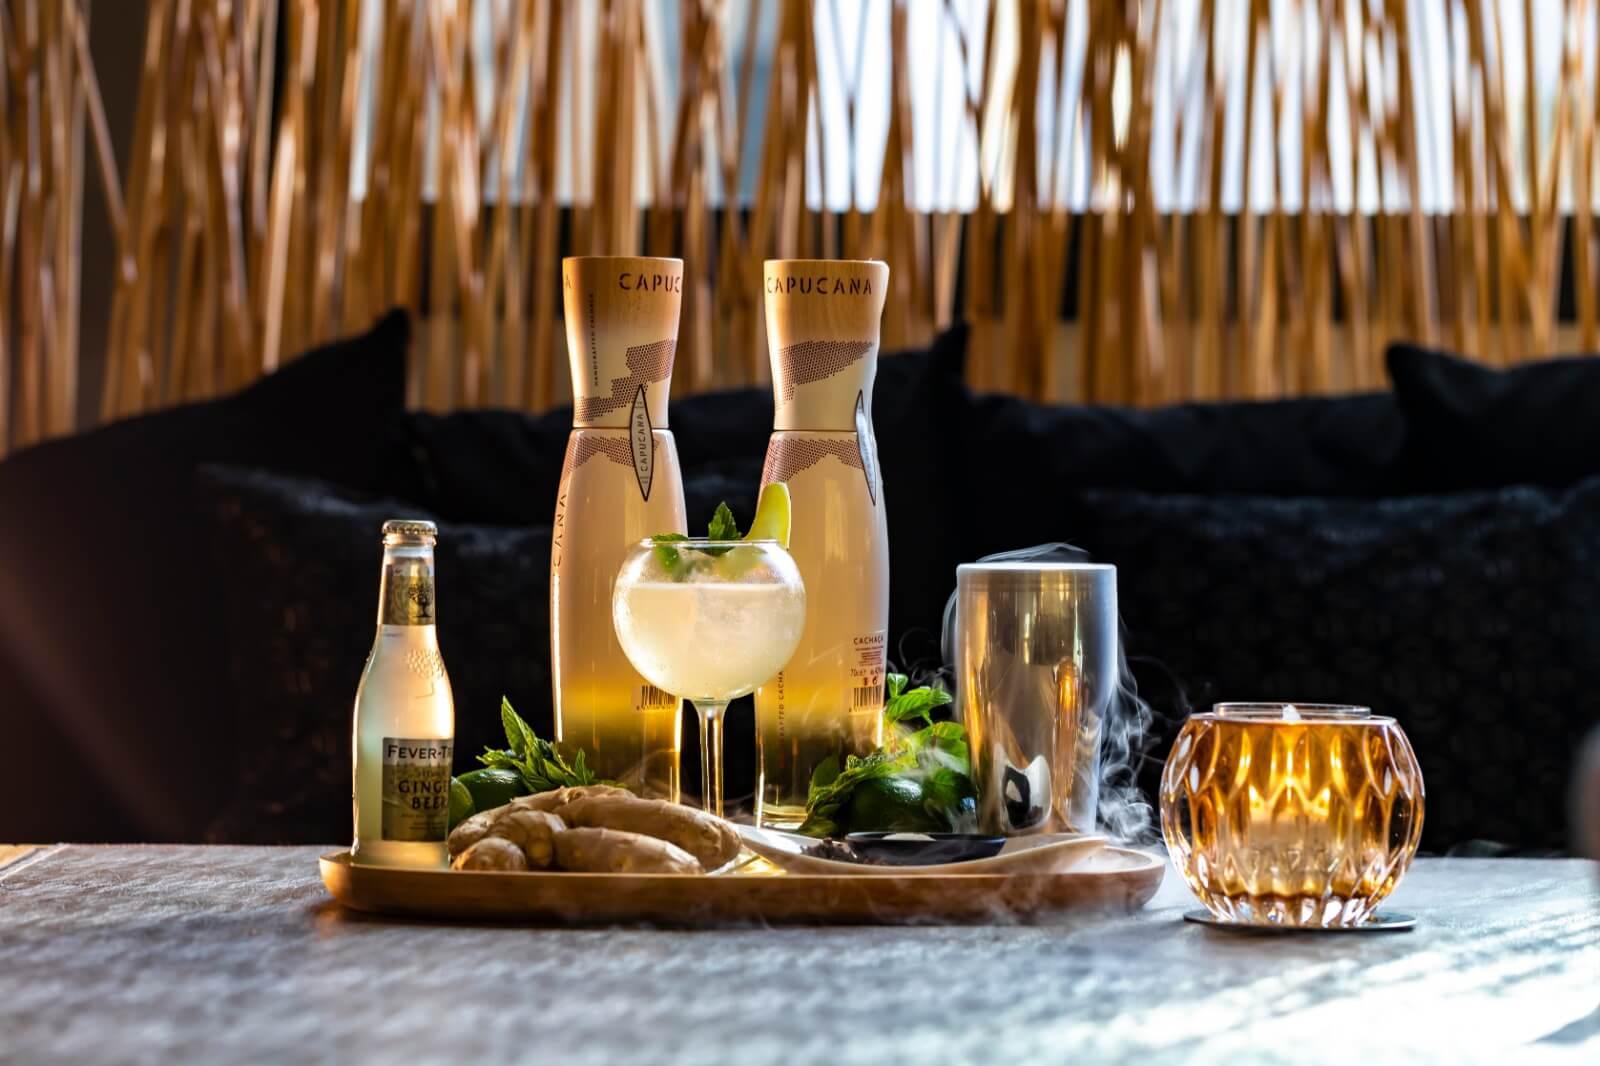 """ORIGEN """"Nuestra propuesta para la B.C.Route: CISCO, CachaçaCapucana, Fever-Tree Premium GingerBeer y clavo, exótico, brillante y sutil.inspirado en el estilo de vida Brasileiro, este cóctel te transportará a ritmo de samba a las playas soleadas de Río."""""""